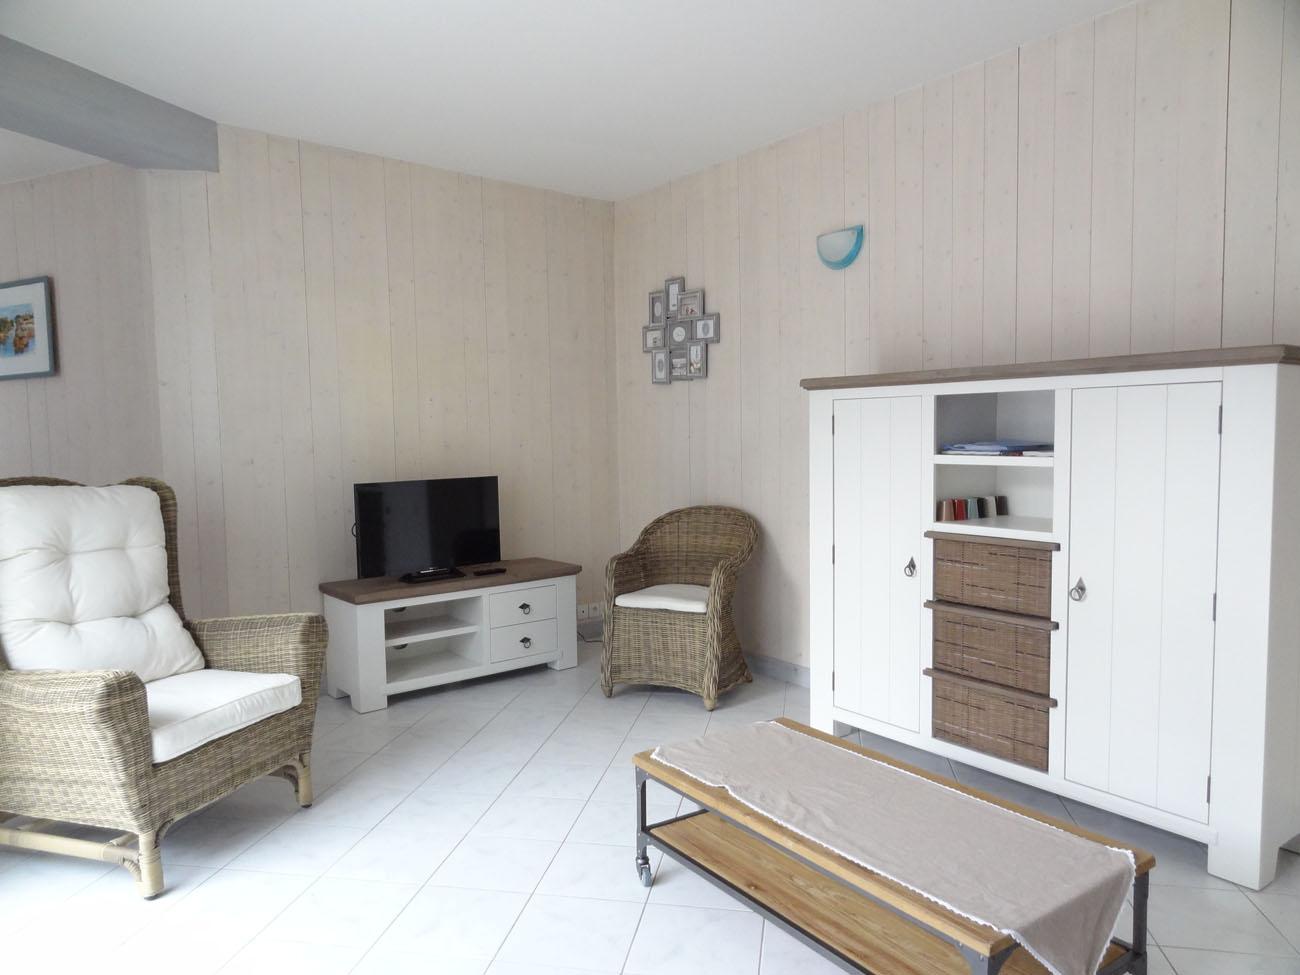 Location Maison Ile de Ré - Marceane - Salon